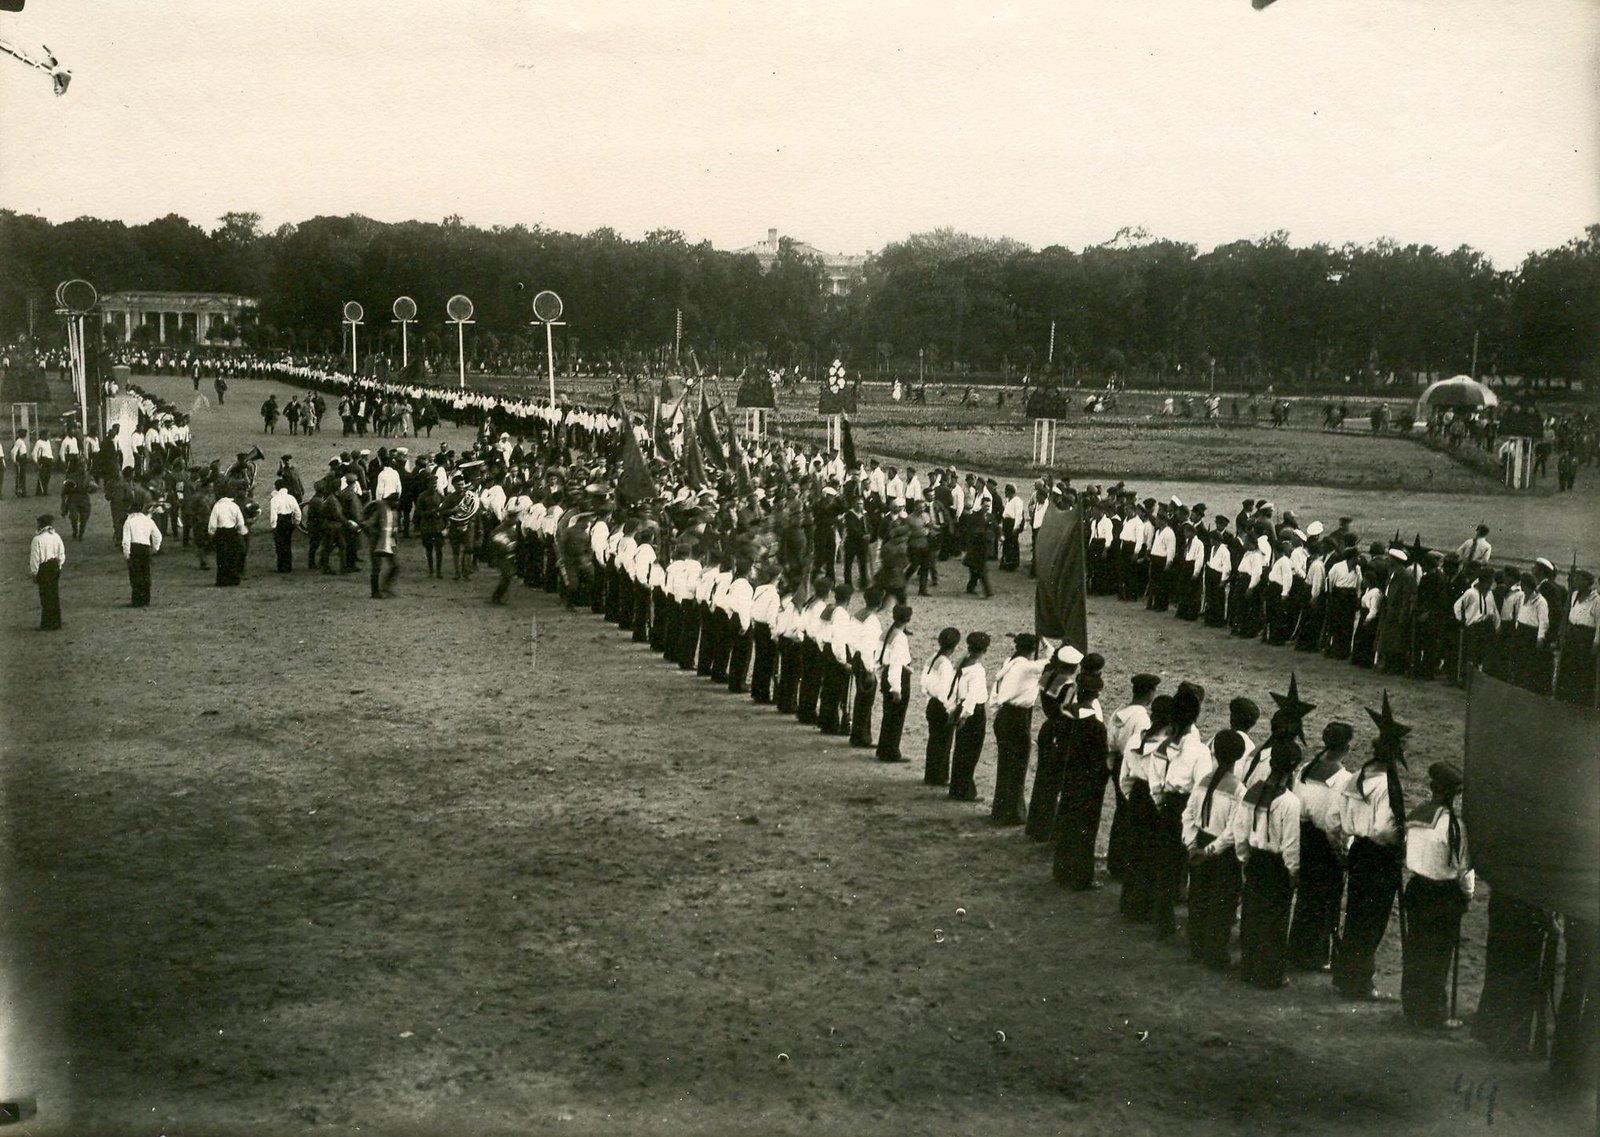 25. 1920. 19 июля. Манифестация на площади Жертв Революции (Марсово поле) во время торжественного открытия II конгресса Коминтерна